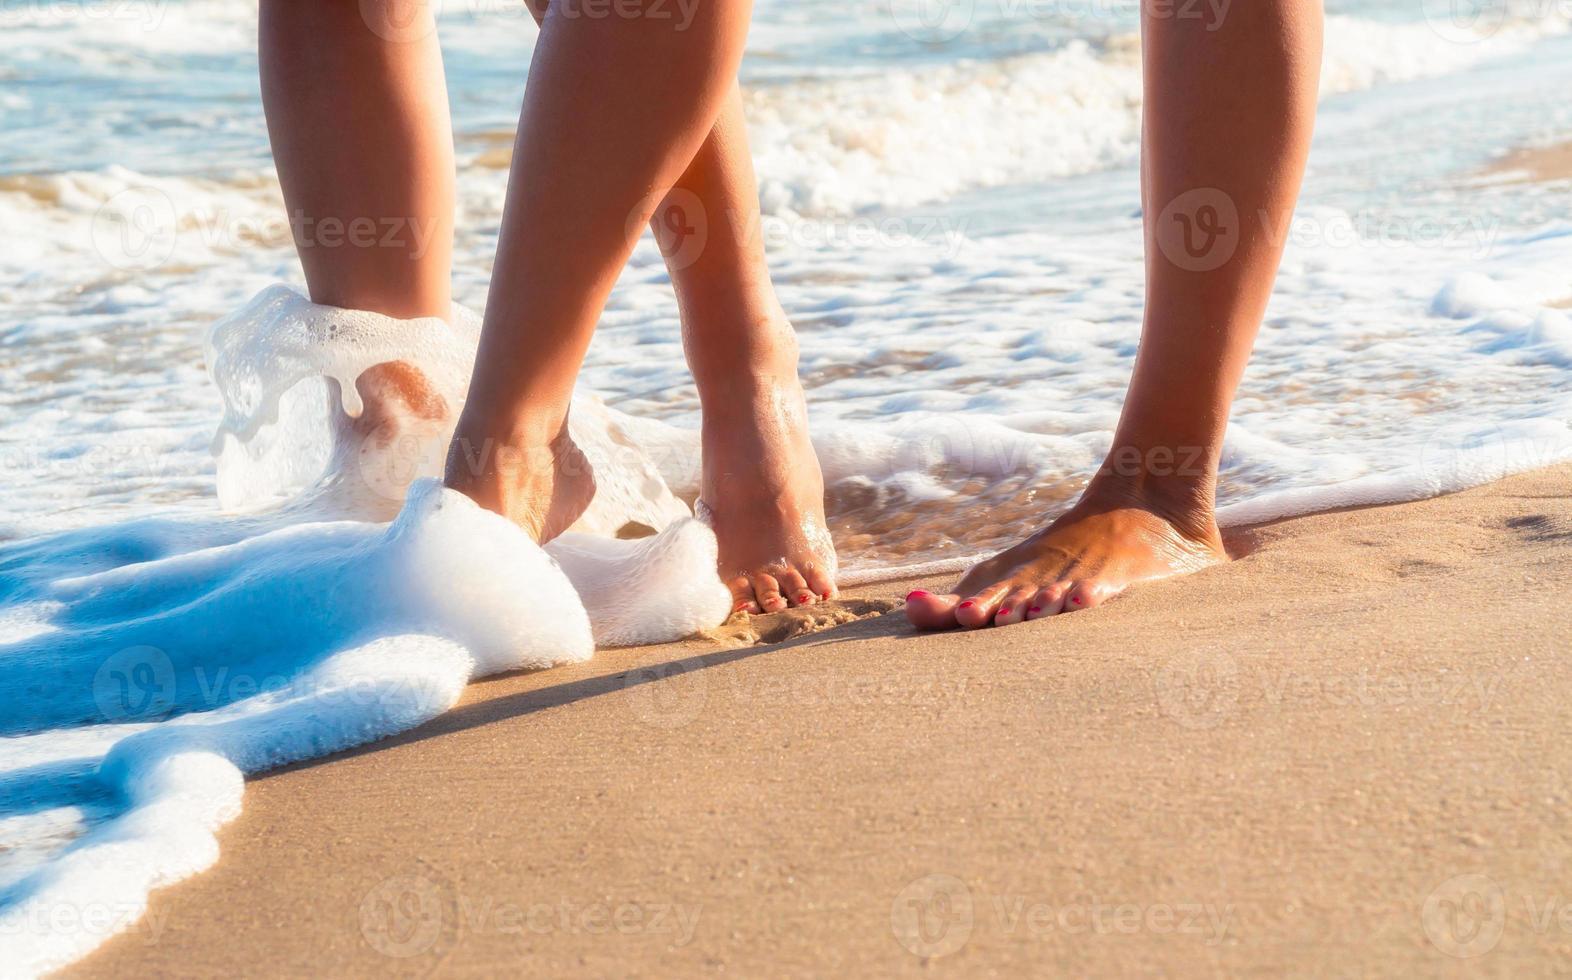 piedi nudi che camminano sulla spiaggia foto